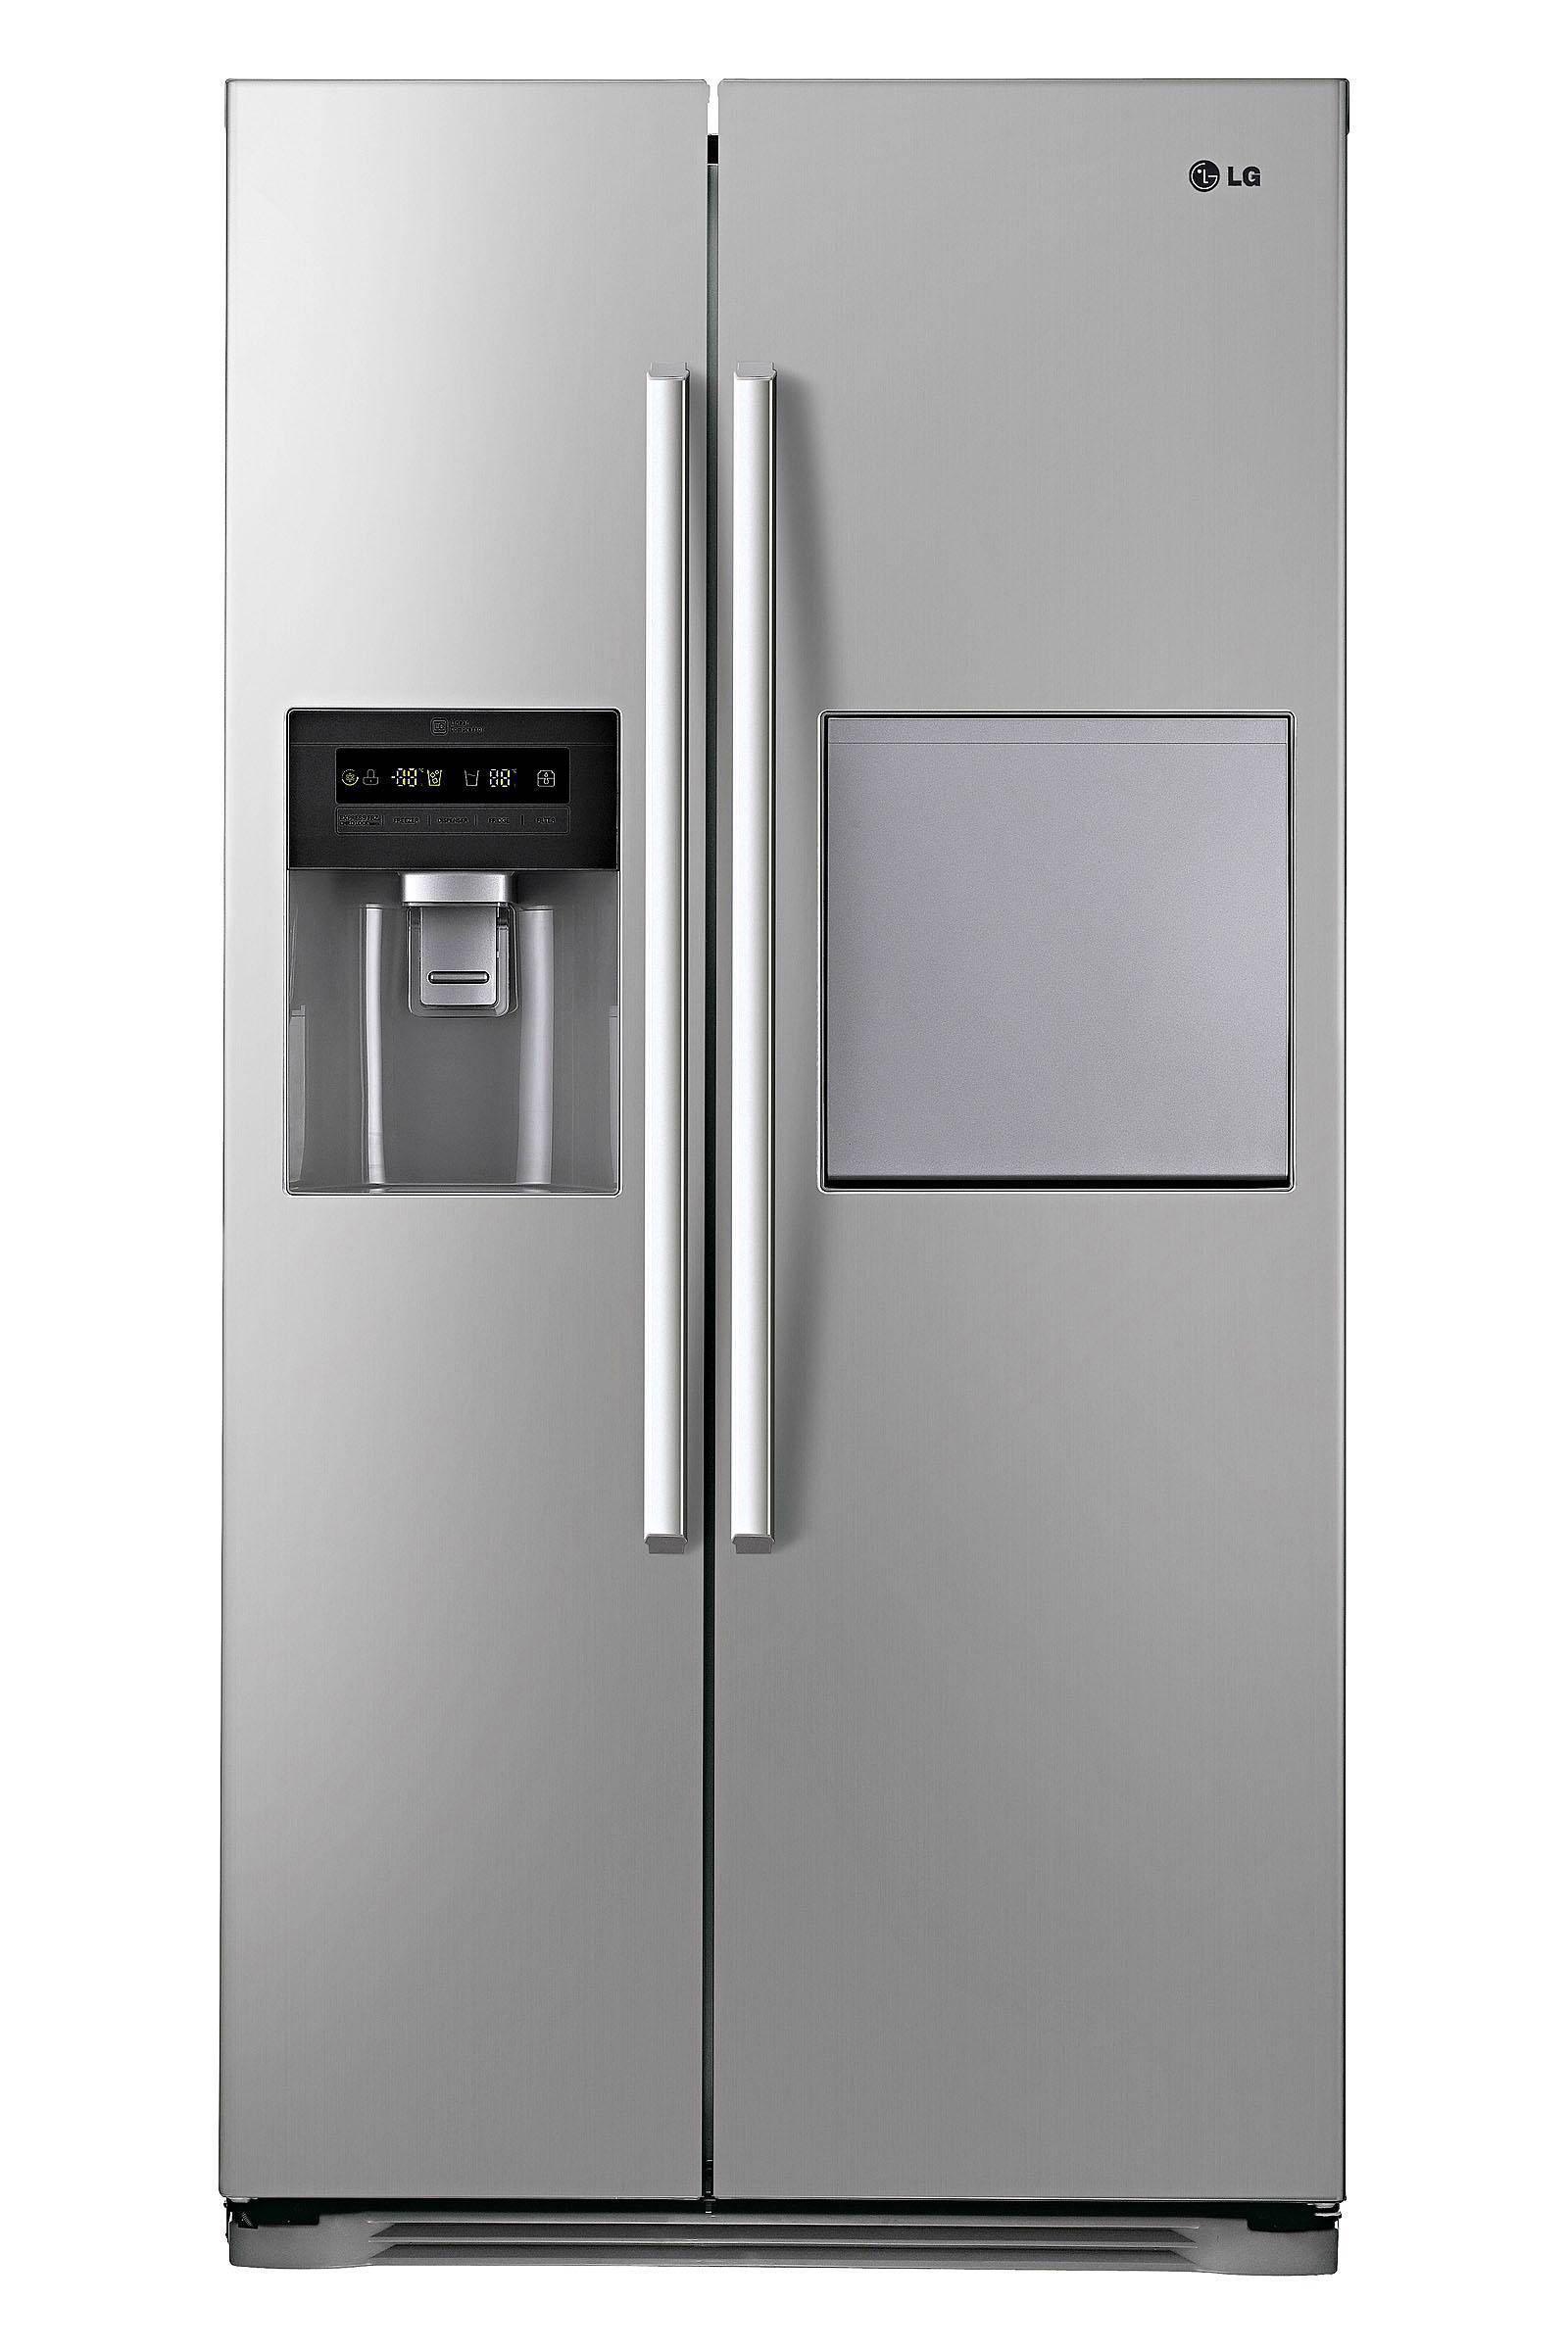 KitchenAid koelkast wateraansluiting Hoe om te vertellen als een aansluiting houdt van je